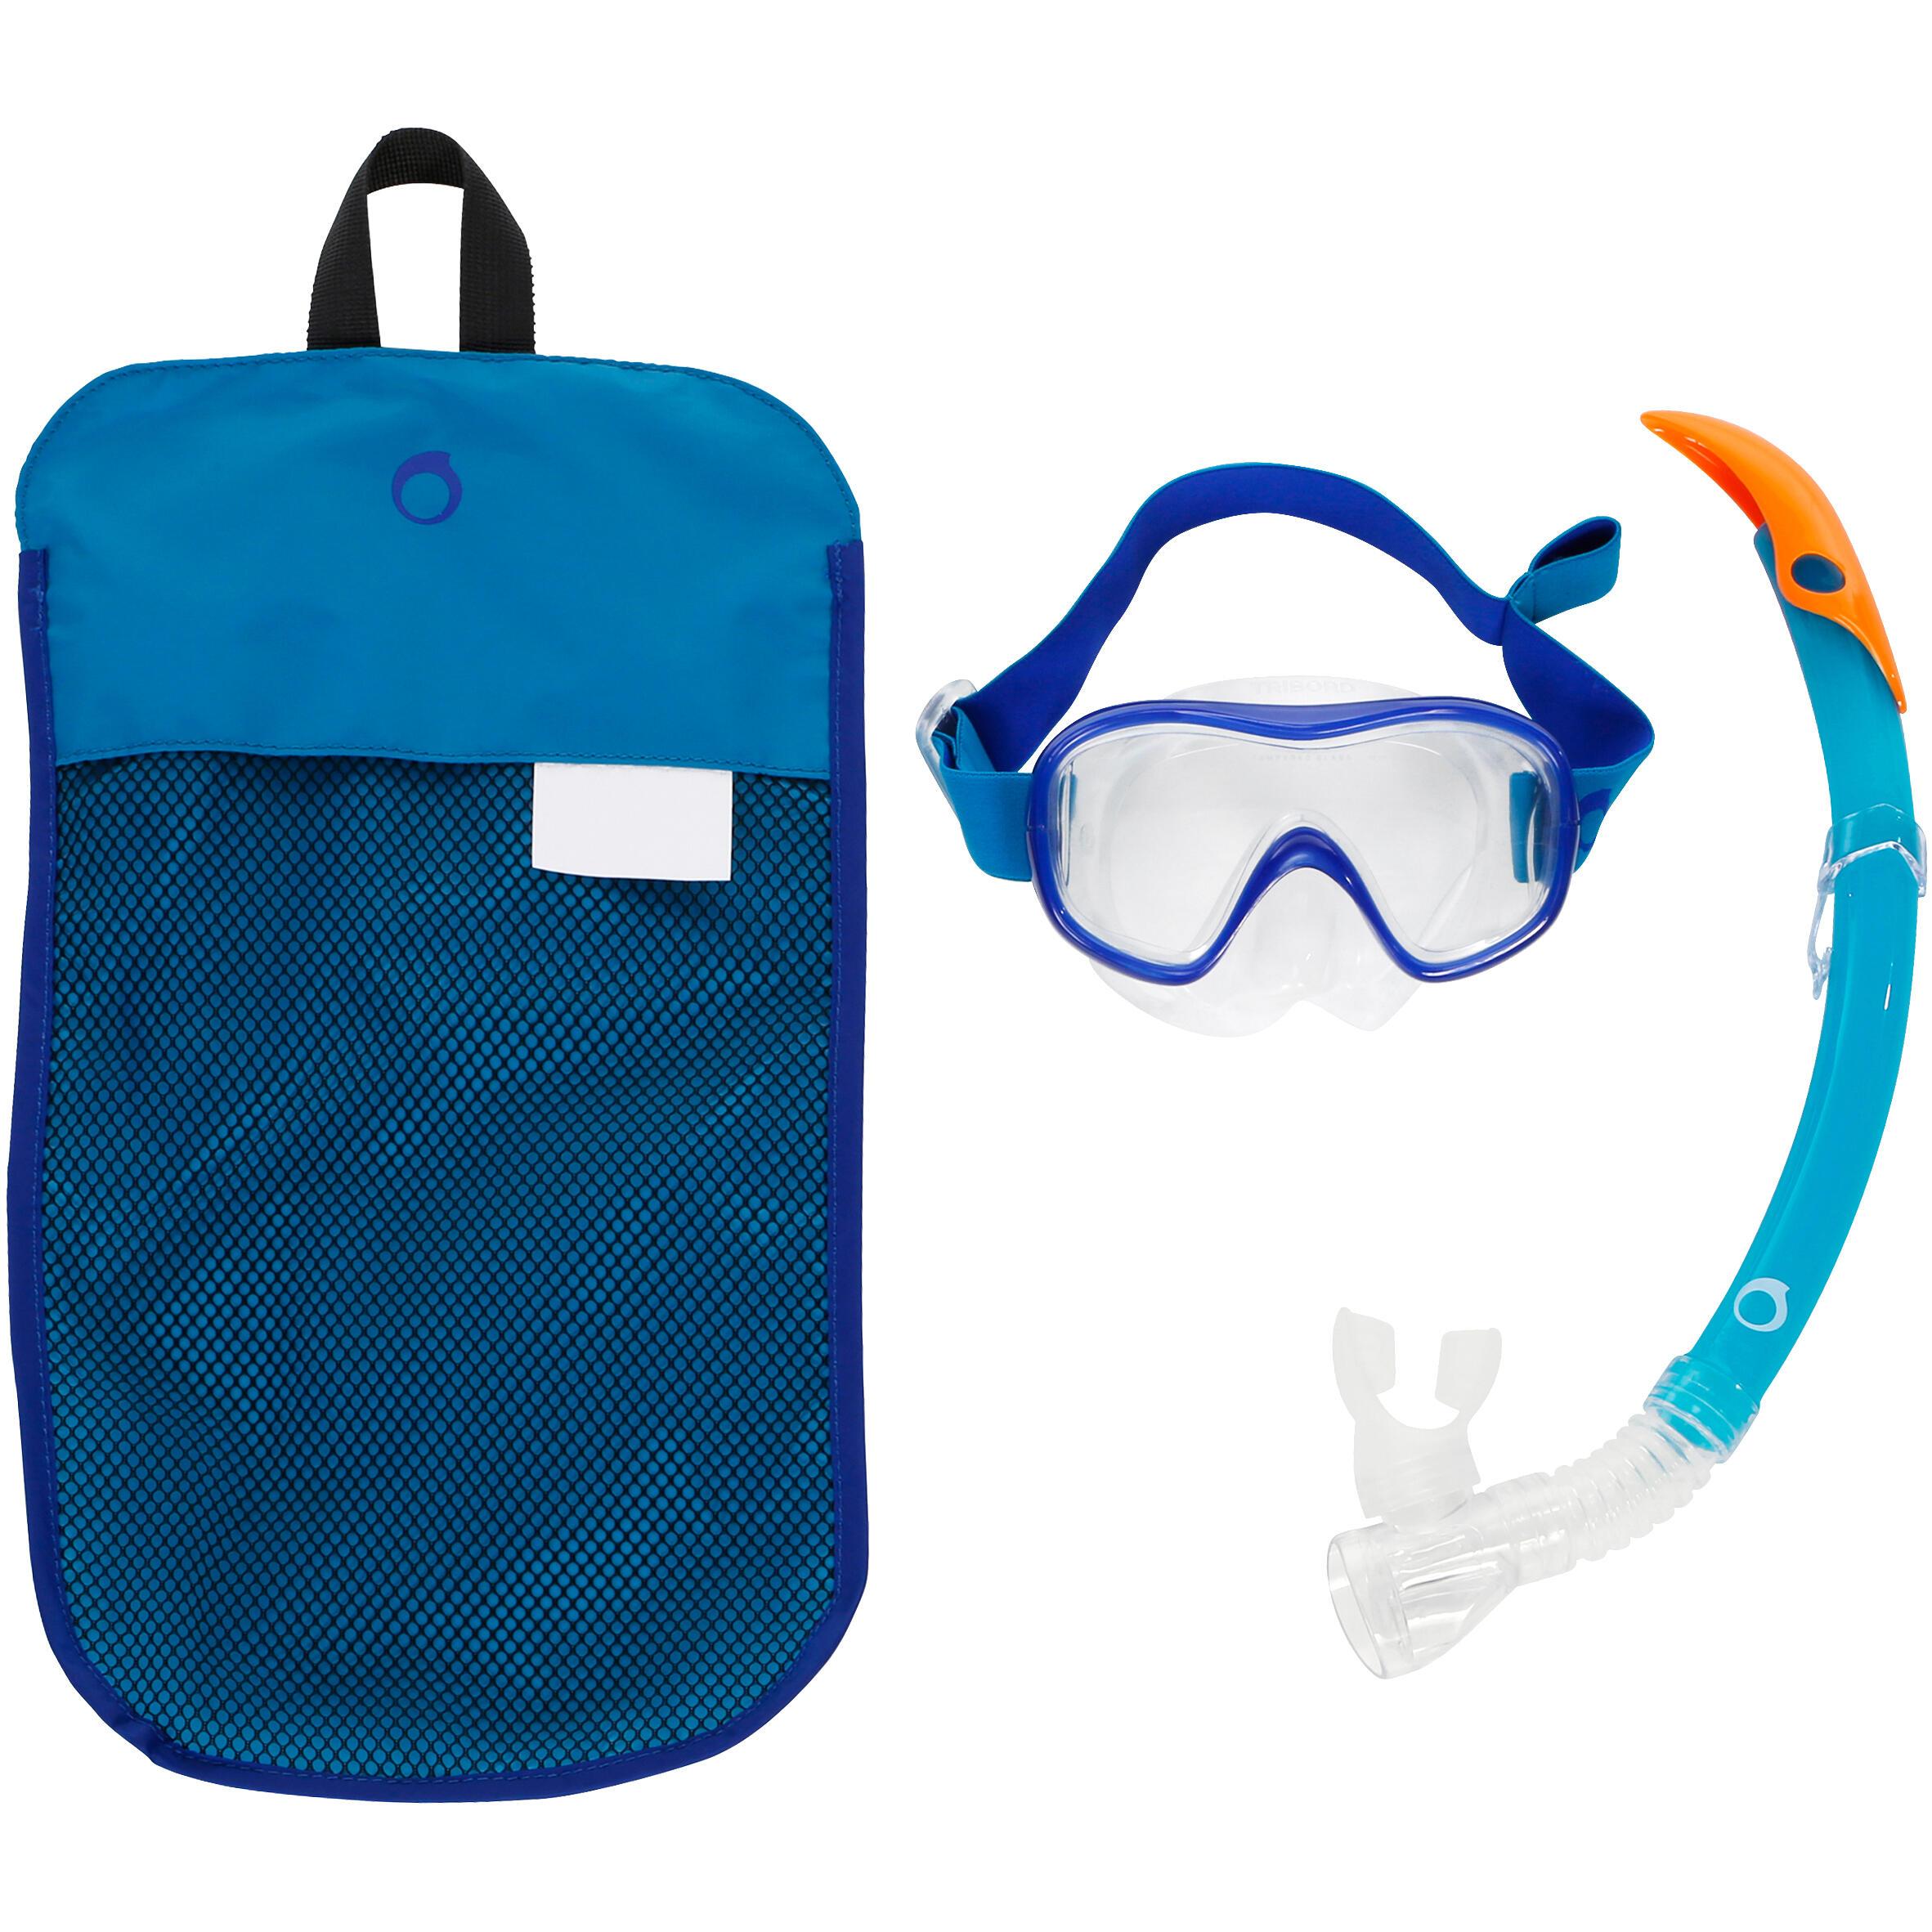 Subea Snorkelset SNK 520 duikbril en snorkel voor volwassenen